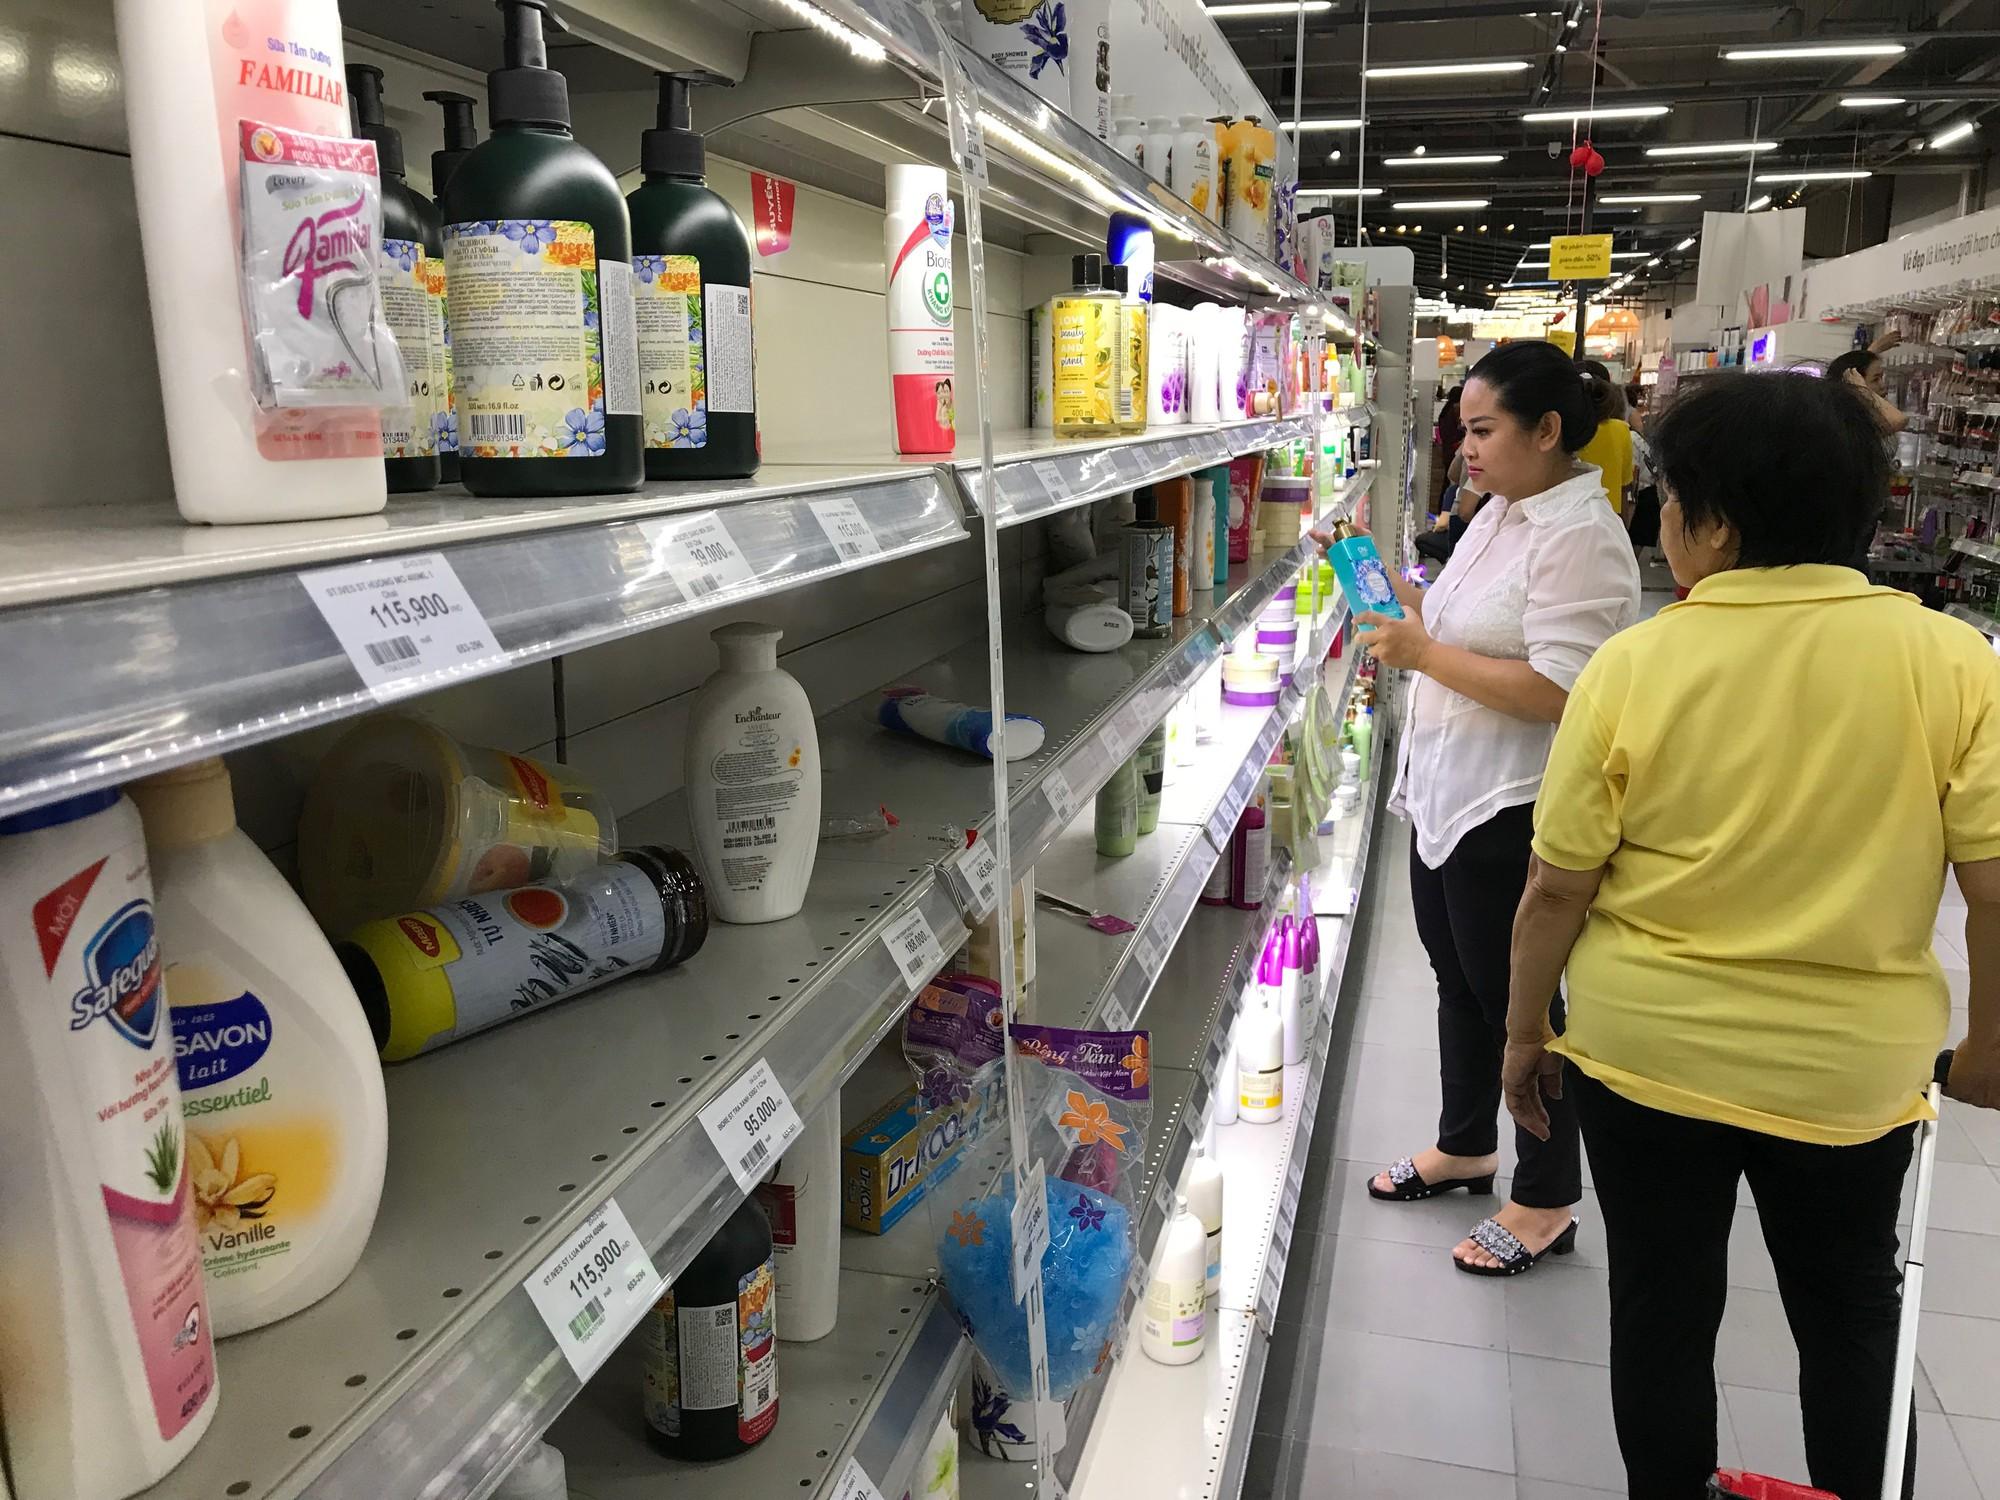 Auchan xả hàng trước khi tháo chạy khỏi Việt Nam, người dân ồ ạt vét sạch siêu thị, chờ hàng giờ chưa được thanh toán  - Ảnh 4.